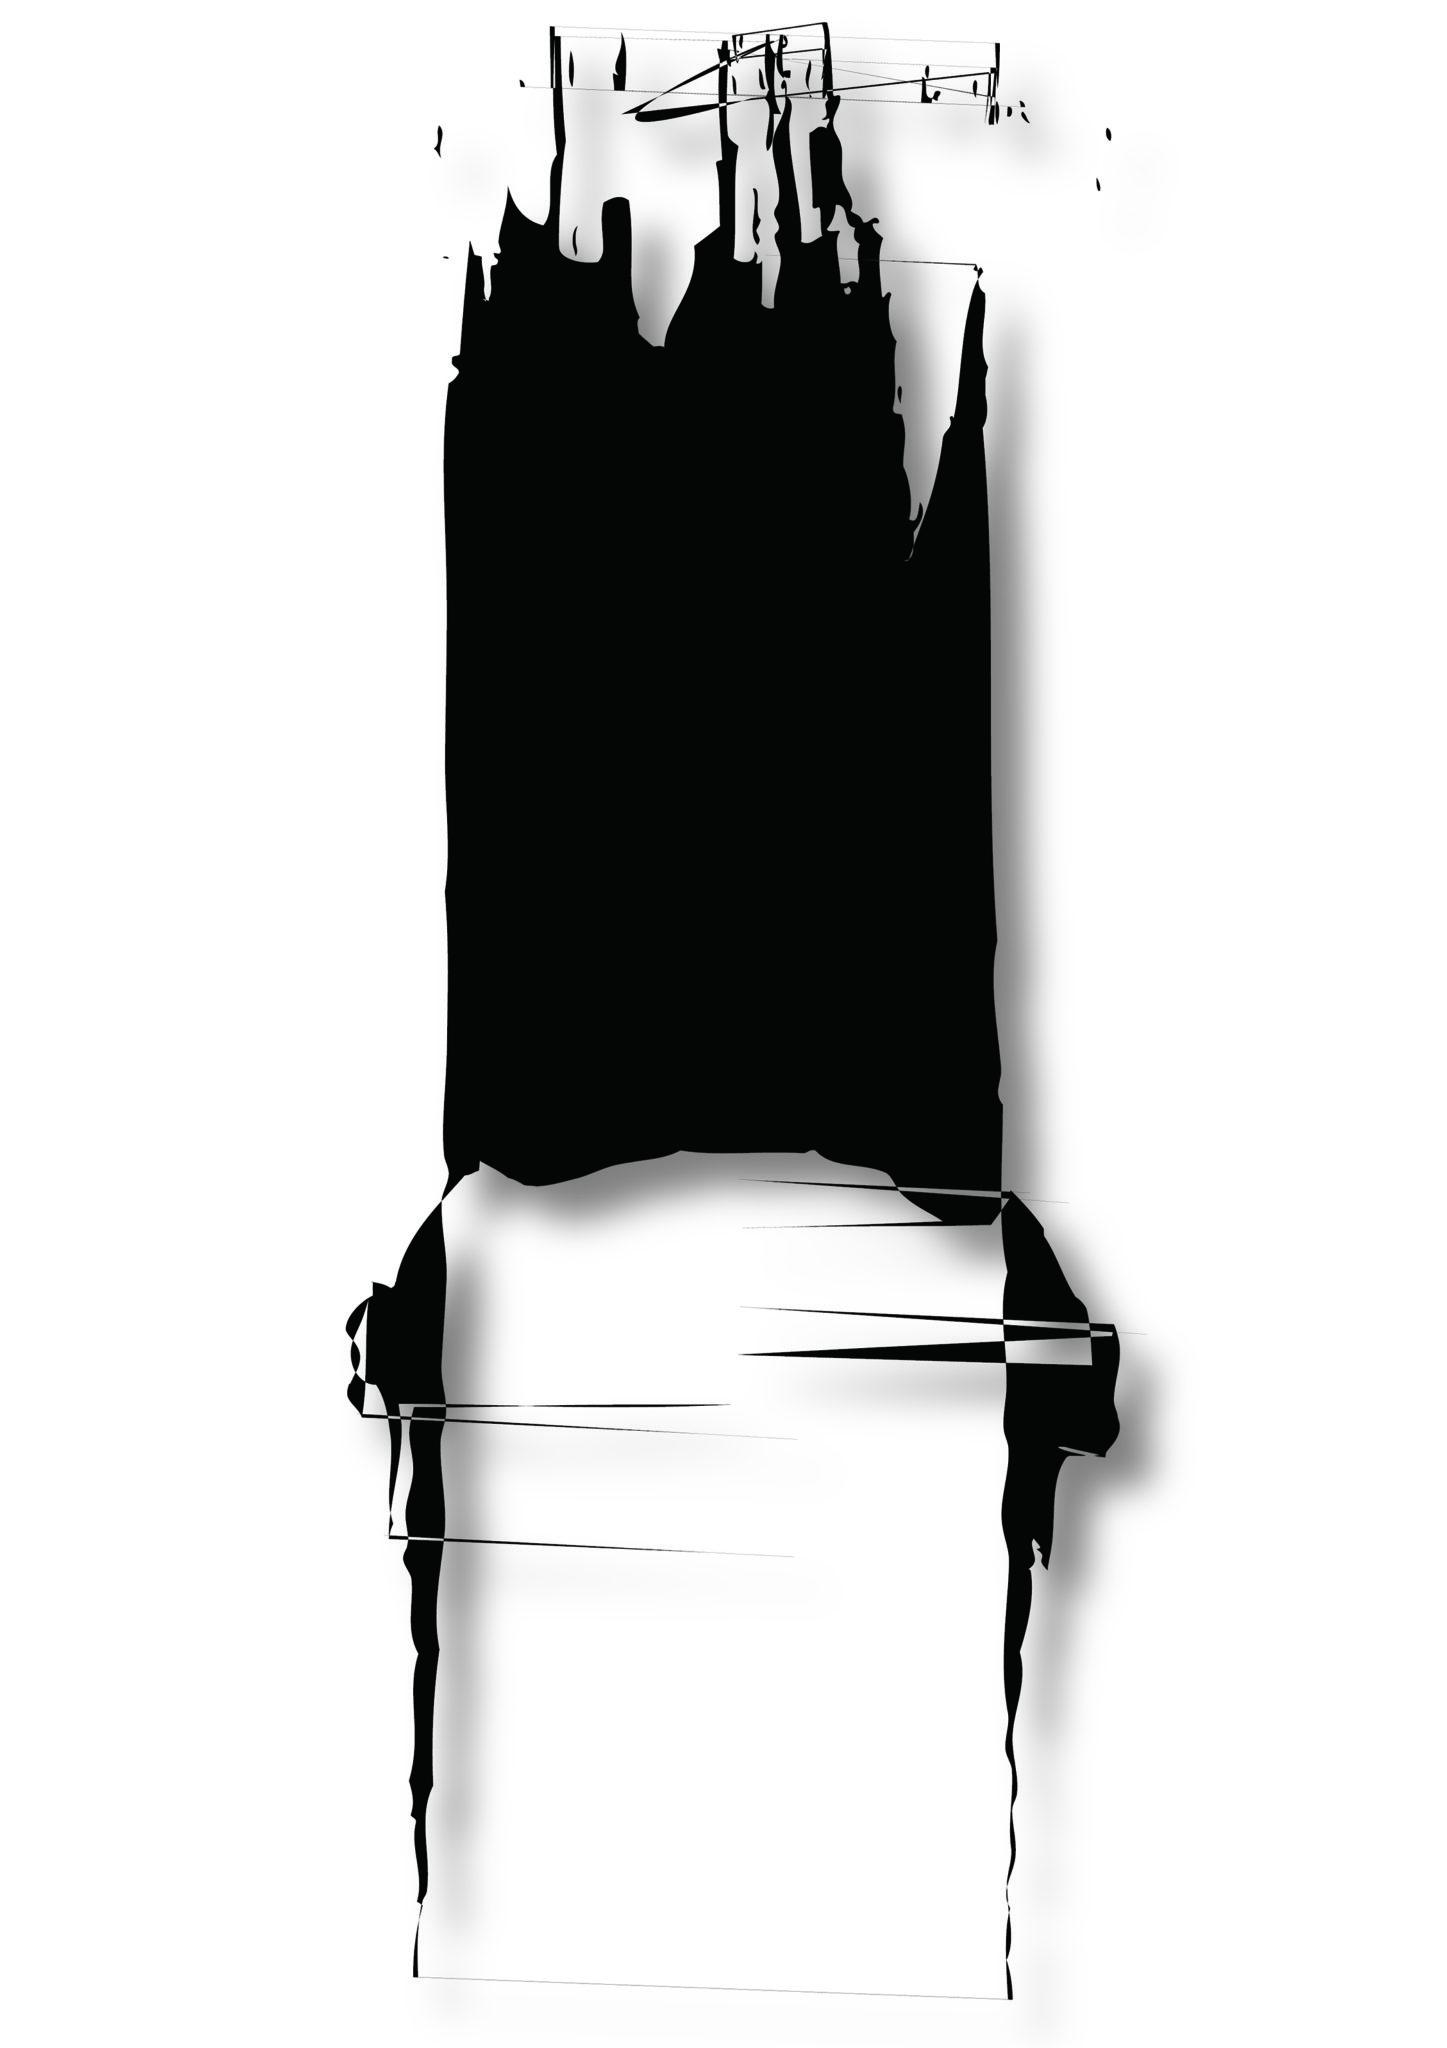 ARTWORK_3_038